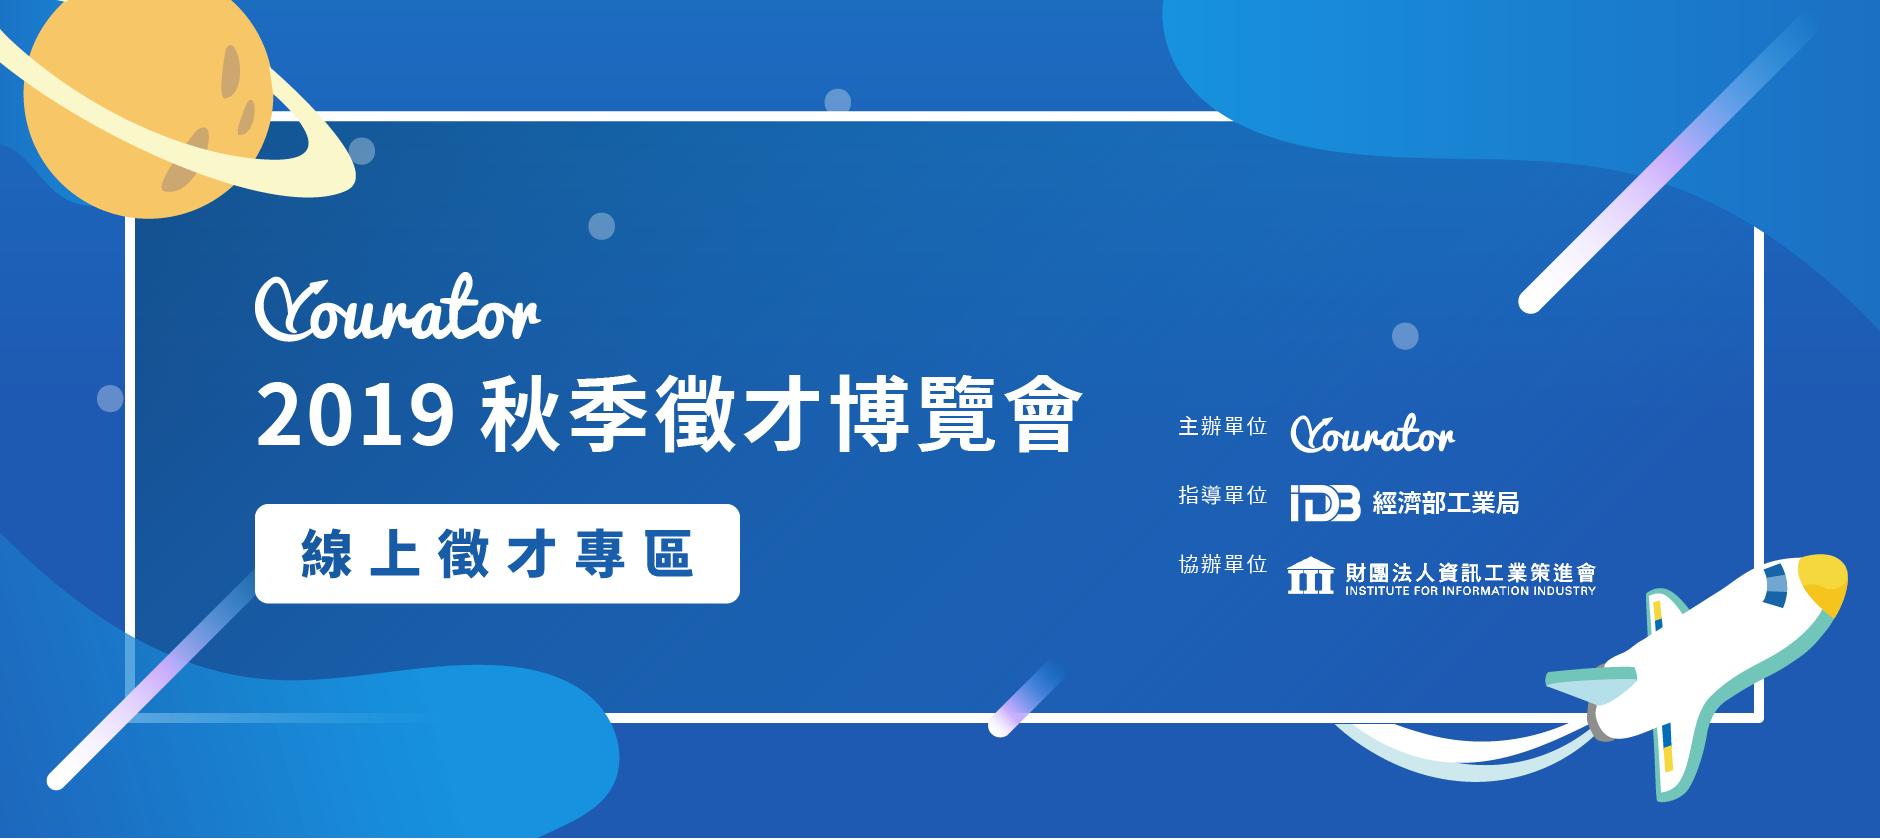 Yourator 2019 秋季徵才博覽會